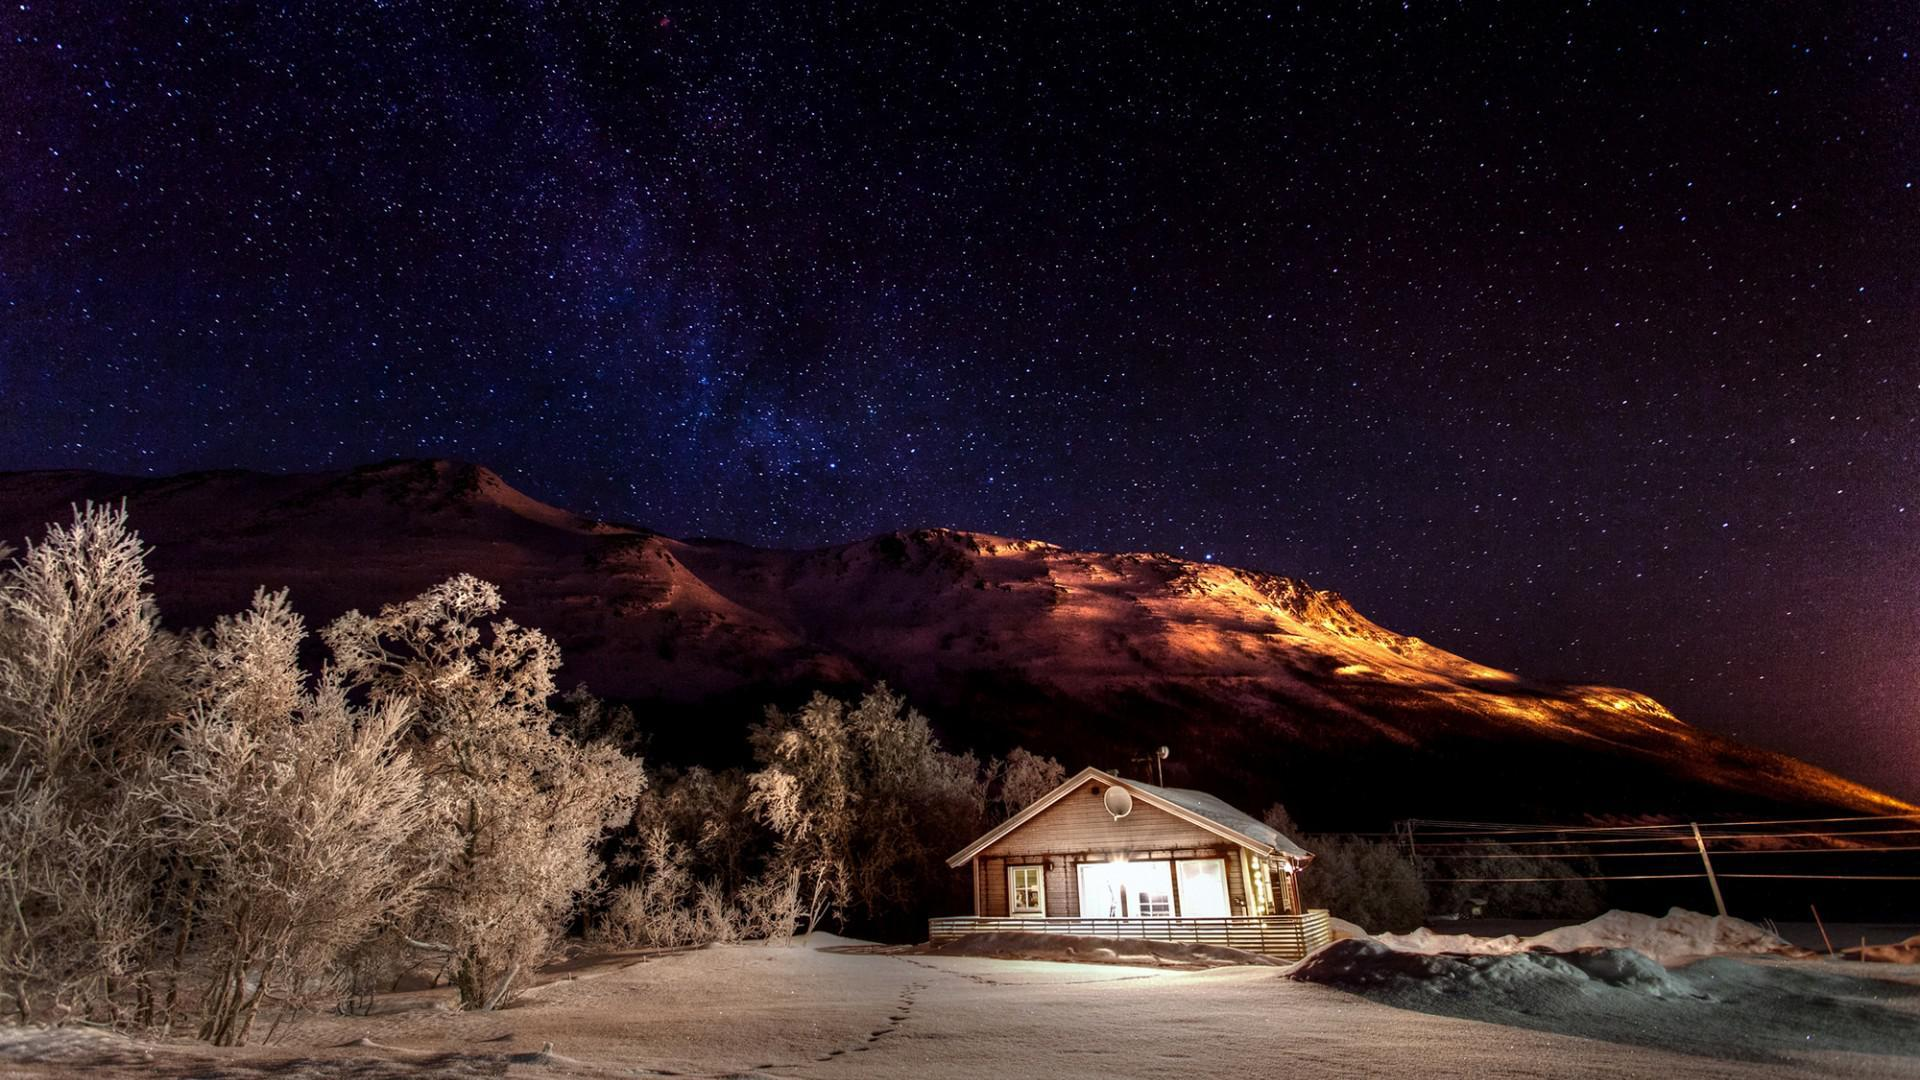 Tapete Berge Winter Natur Schnee Nacht Himmel